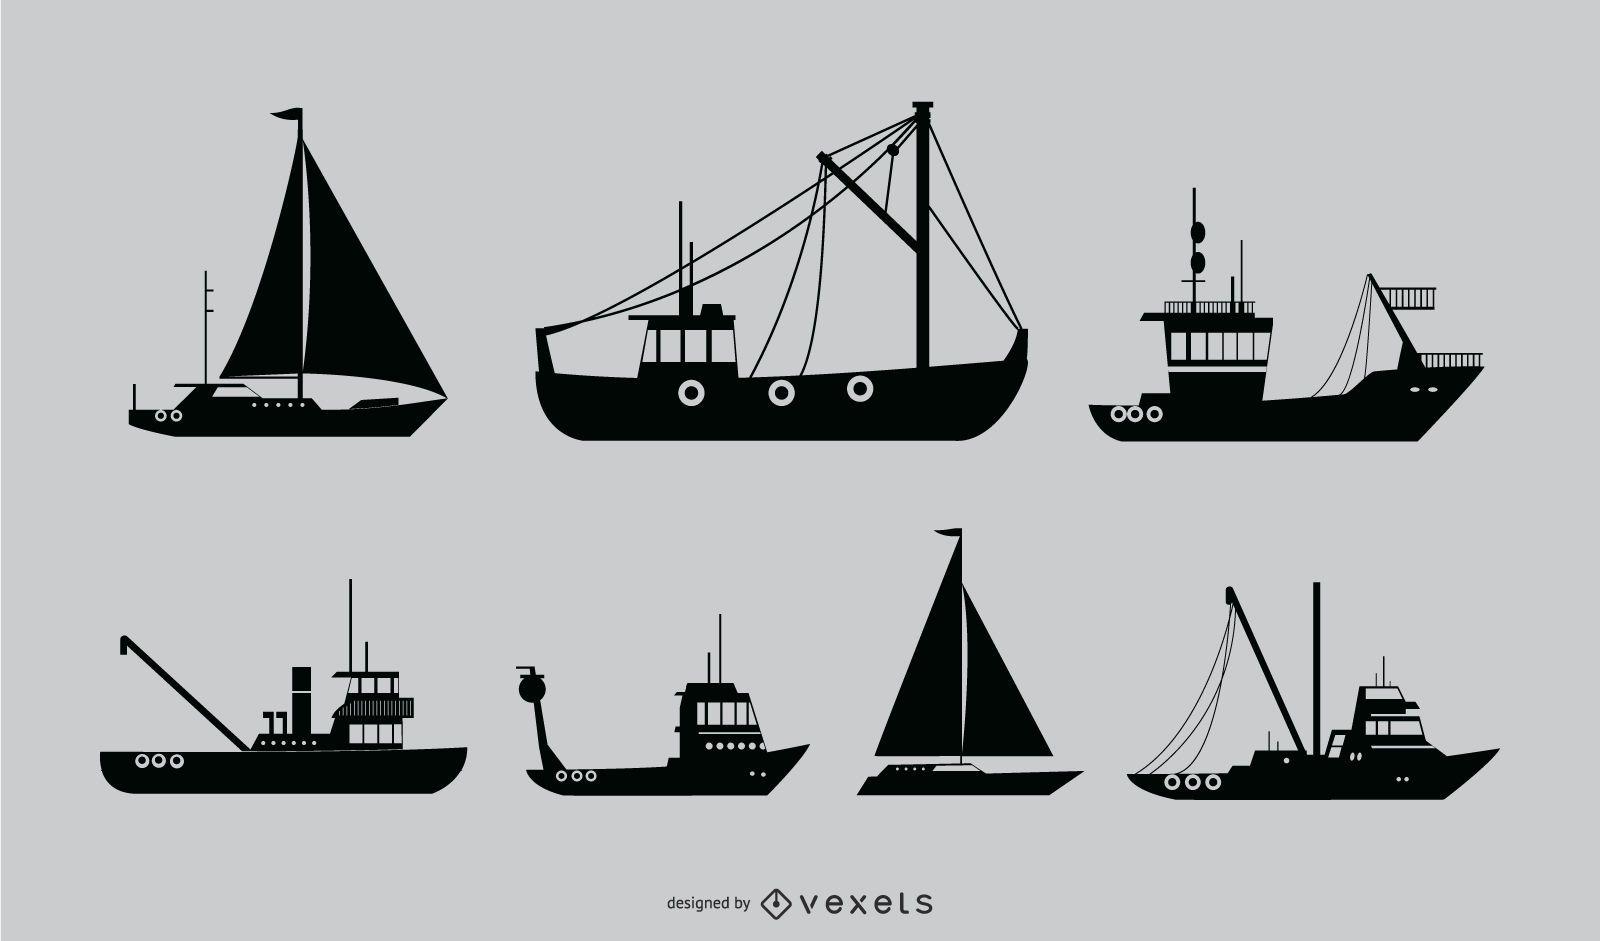 Diseño de silueta de barco náutico